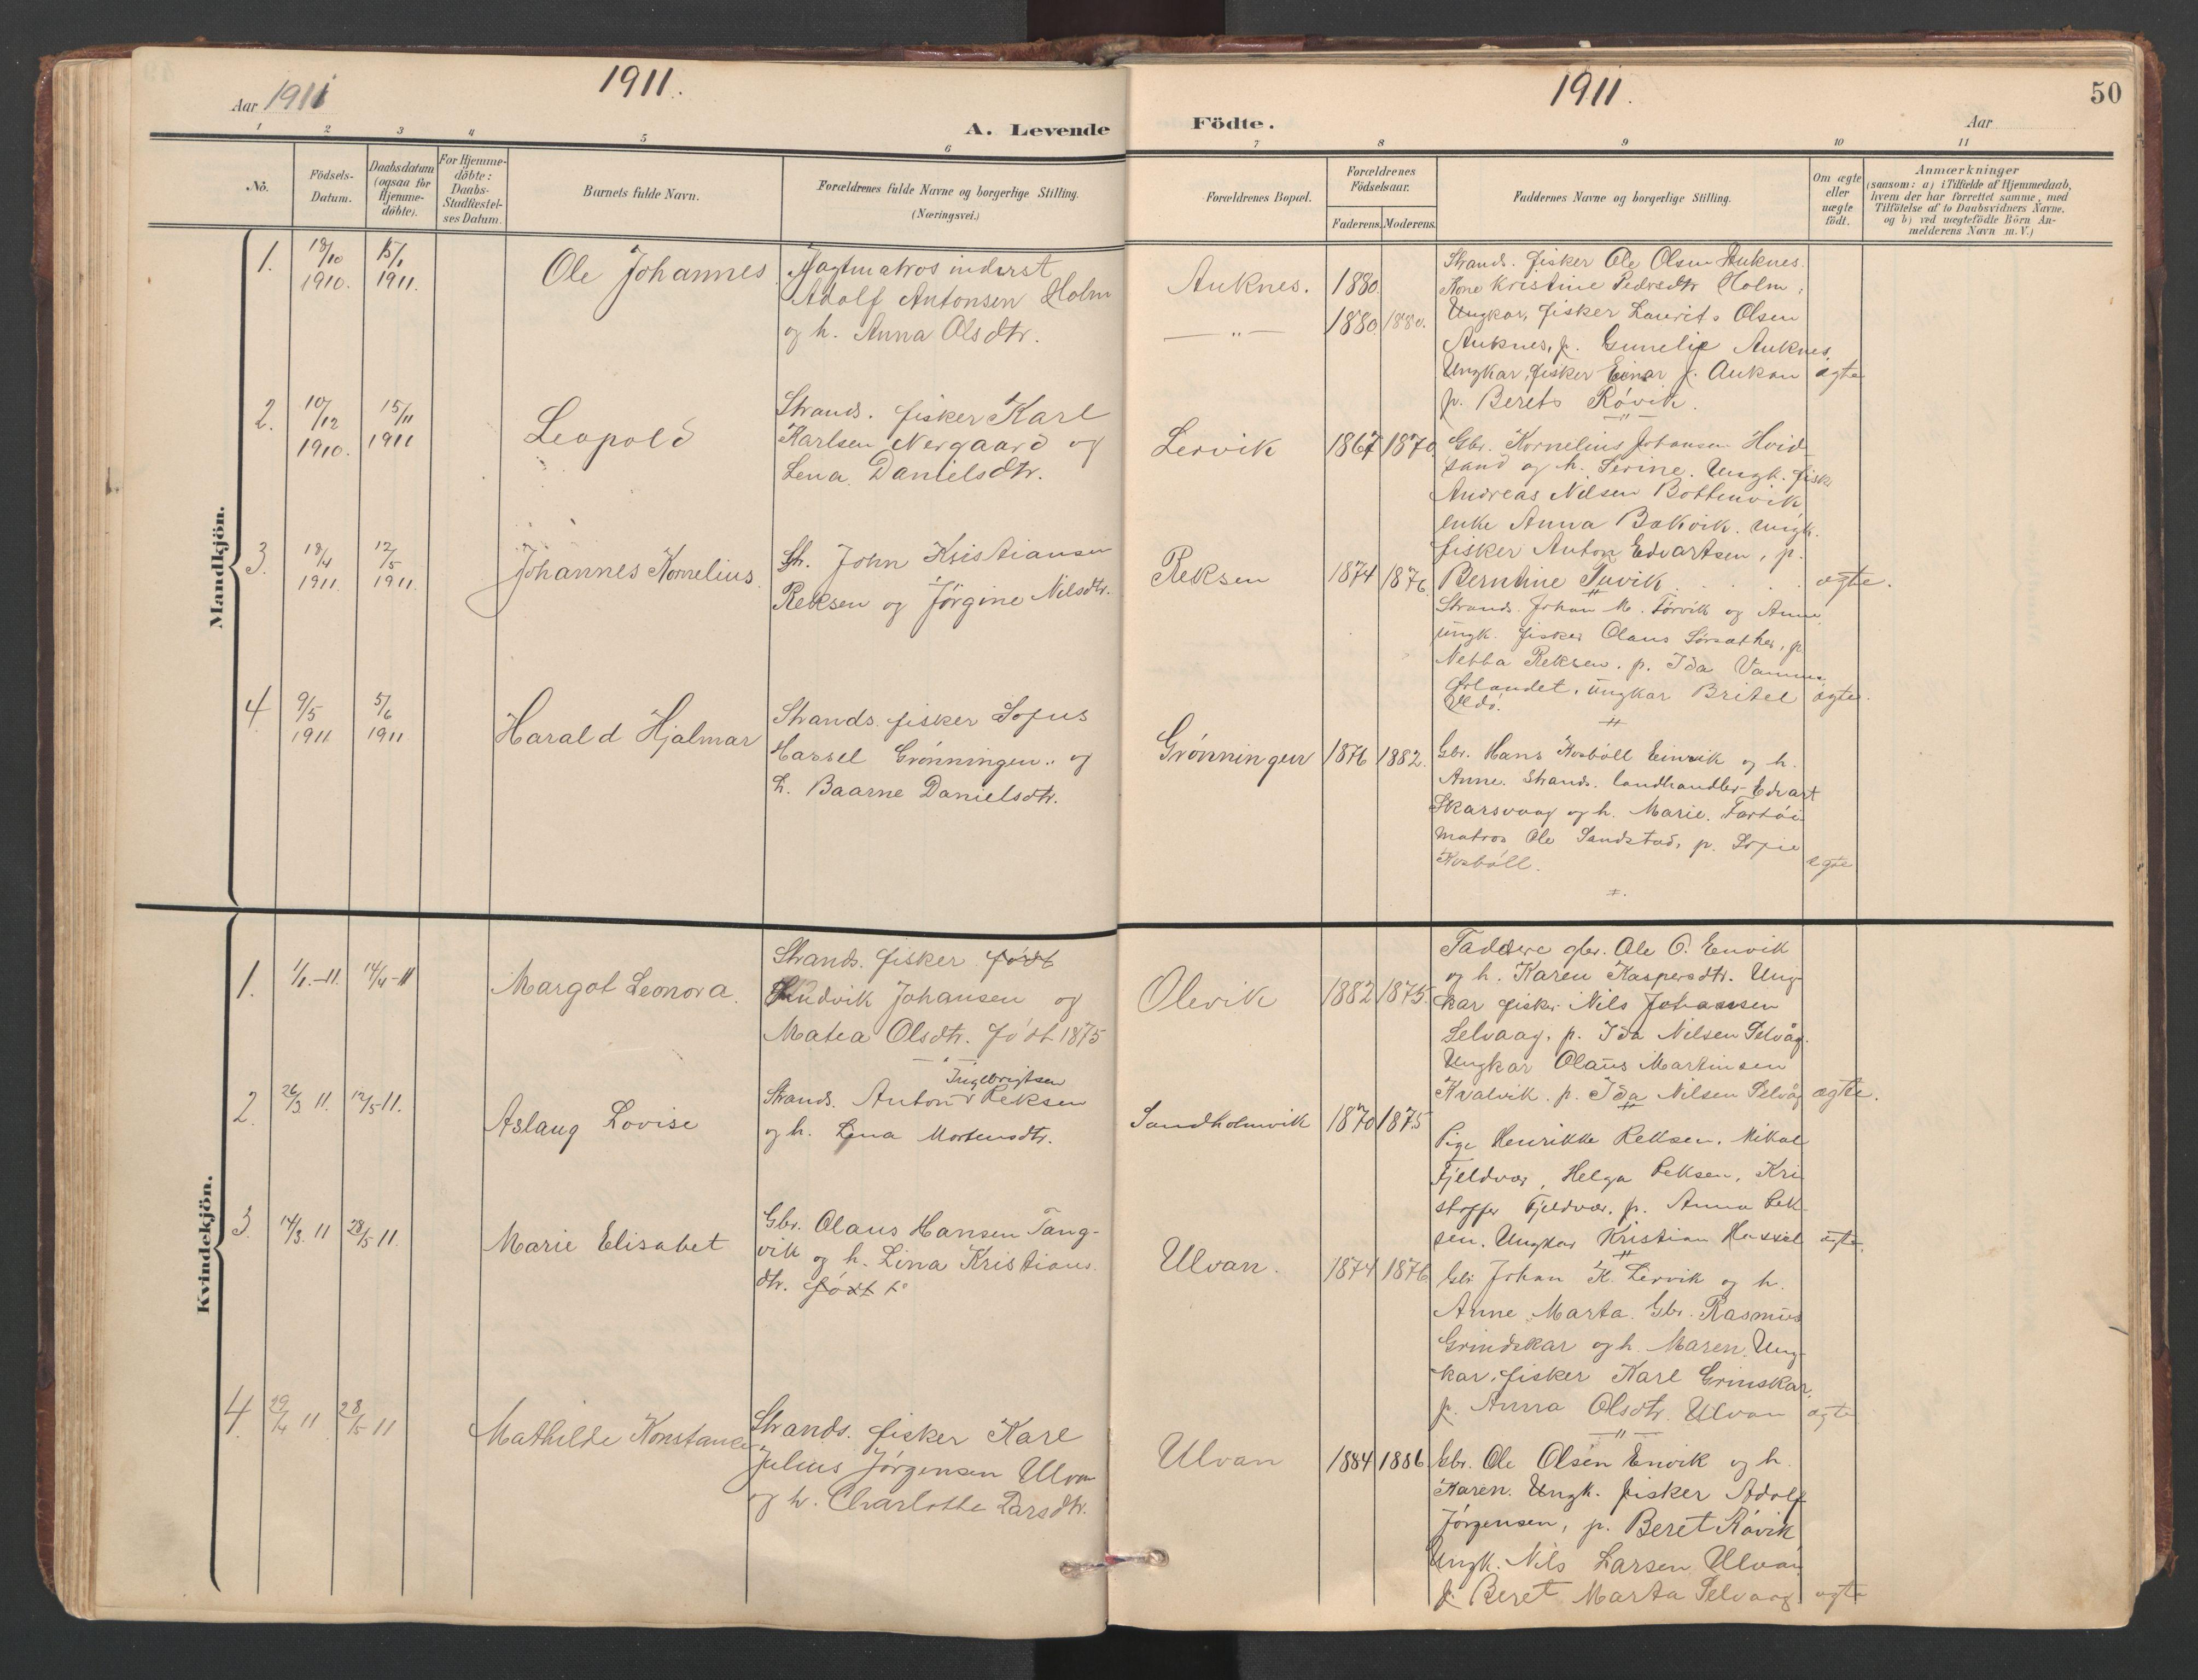 SAT, Ministerialprotokoller, klokkerbøker og fødselsregistre - Sør-Trøndelag, 638/L0571: Klokkerbok nr. 638C03, 1901-1930, s. 50